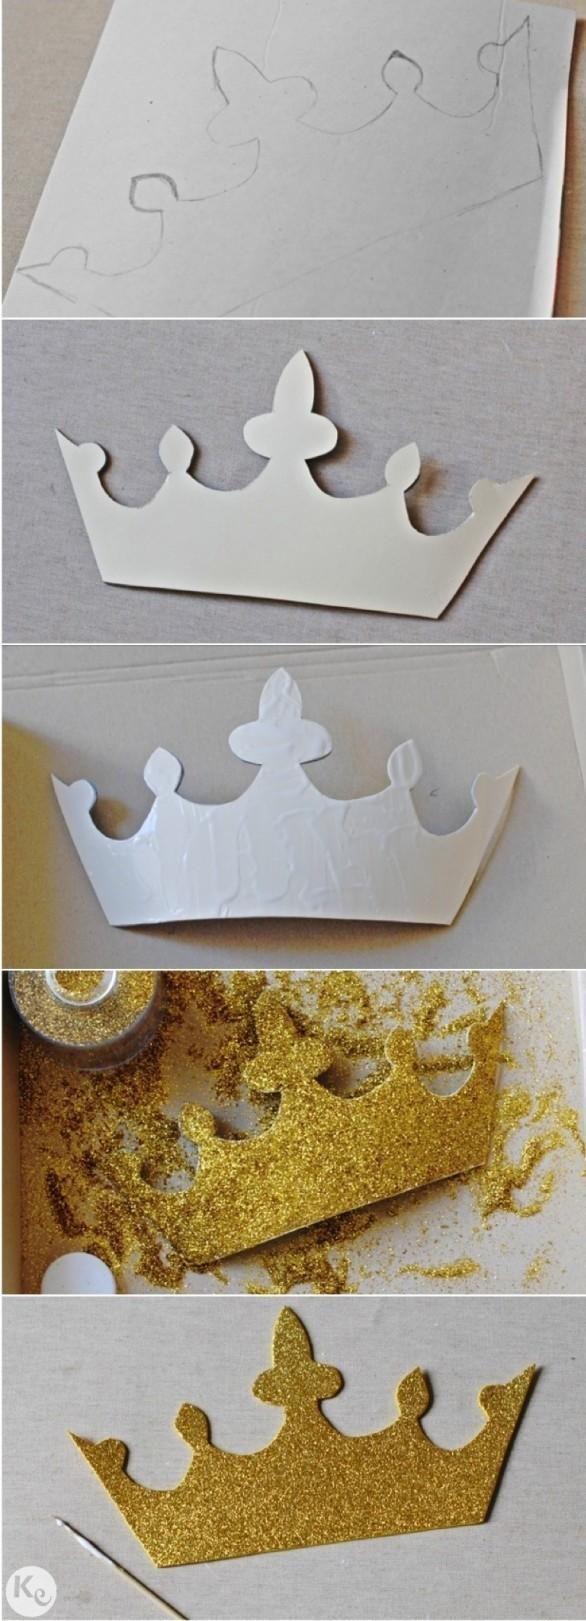 Corona de purpurina para accesorio del photocall